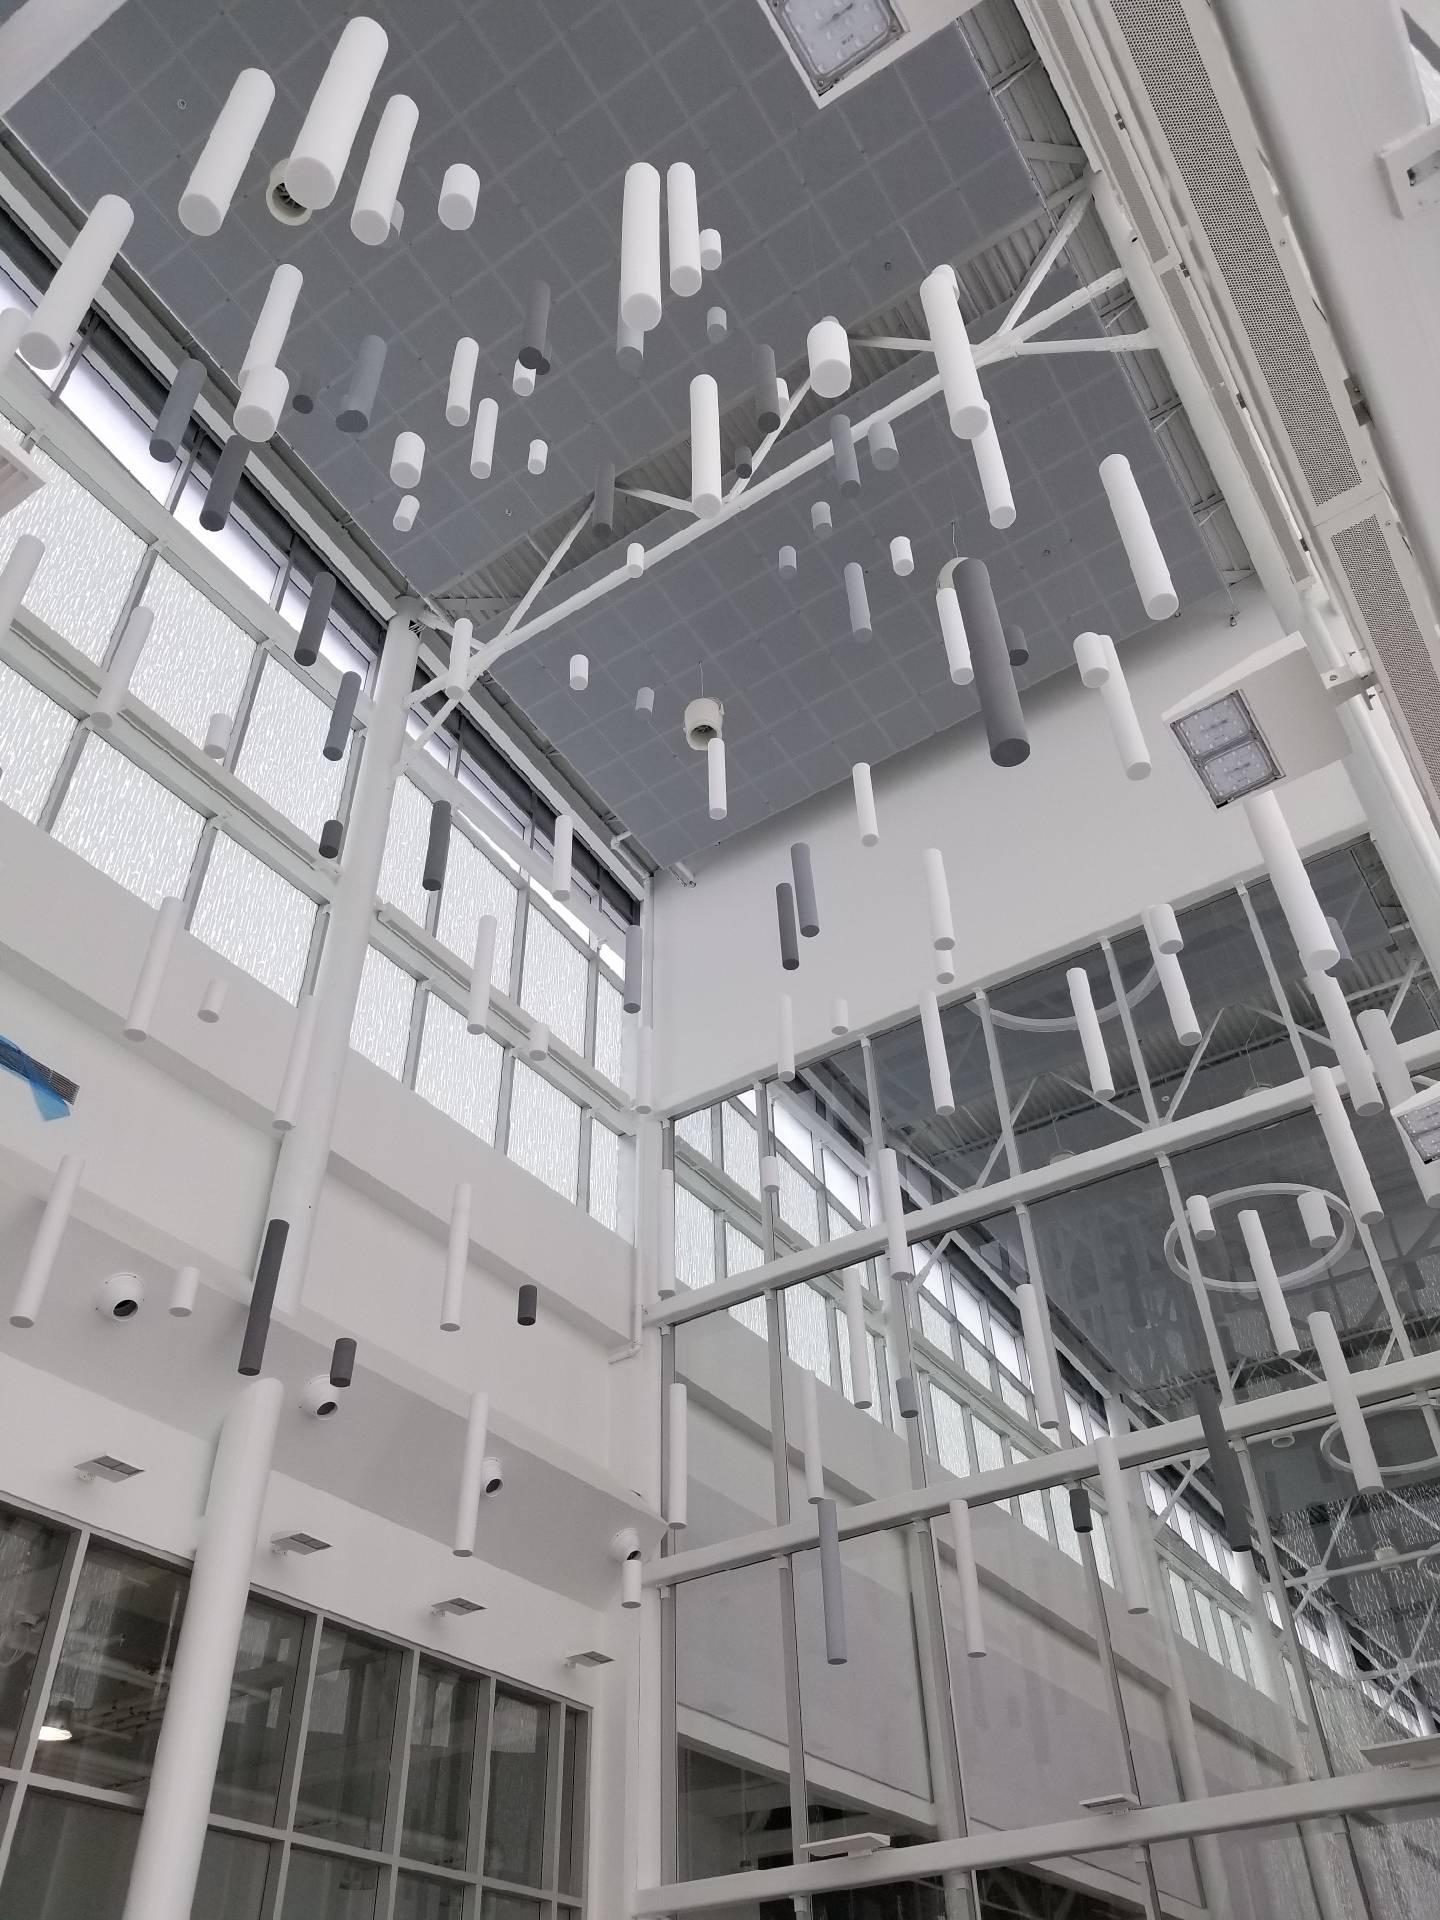 Western Canada Varied Ceiling Baffles